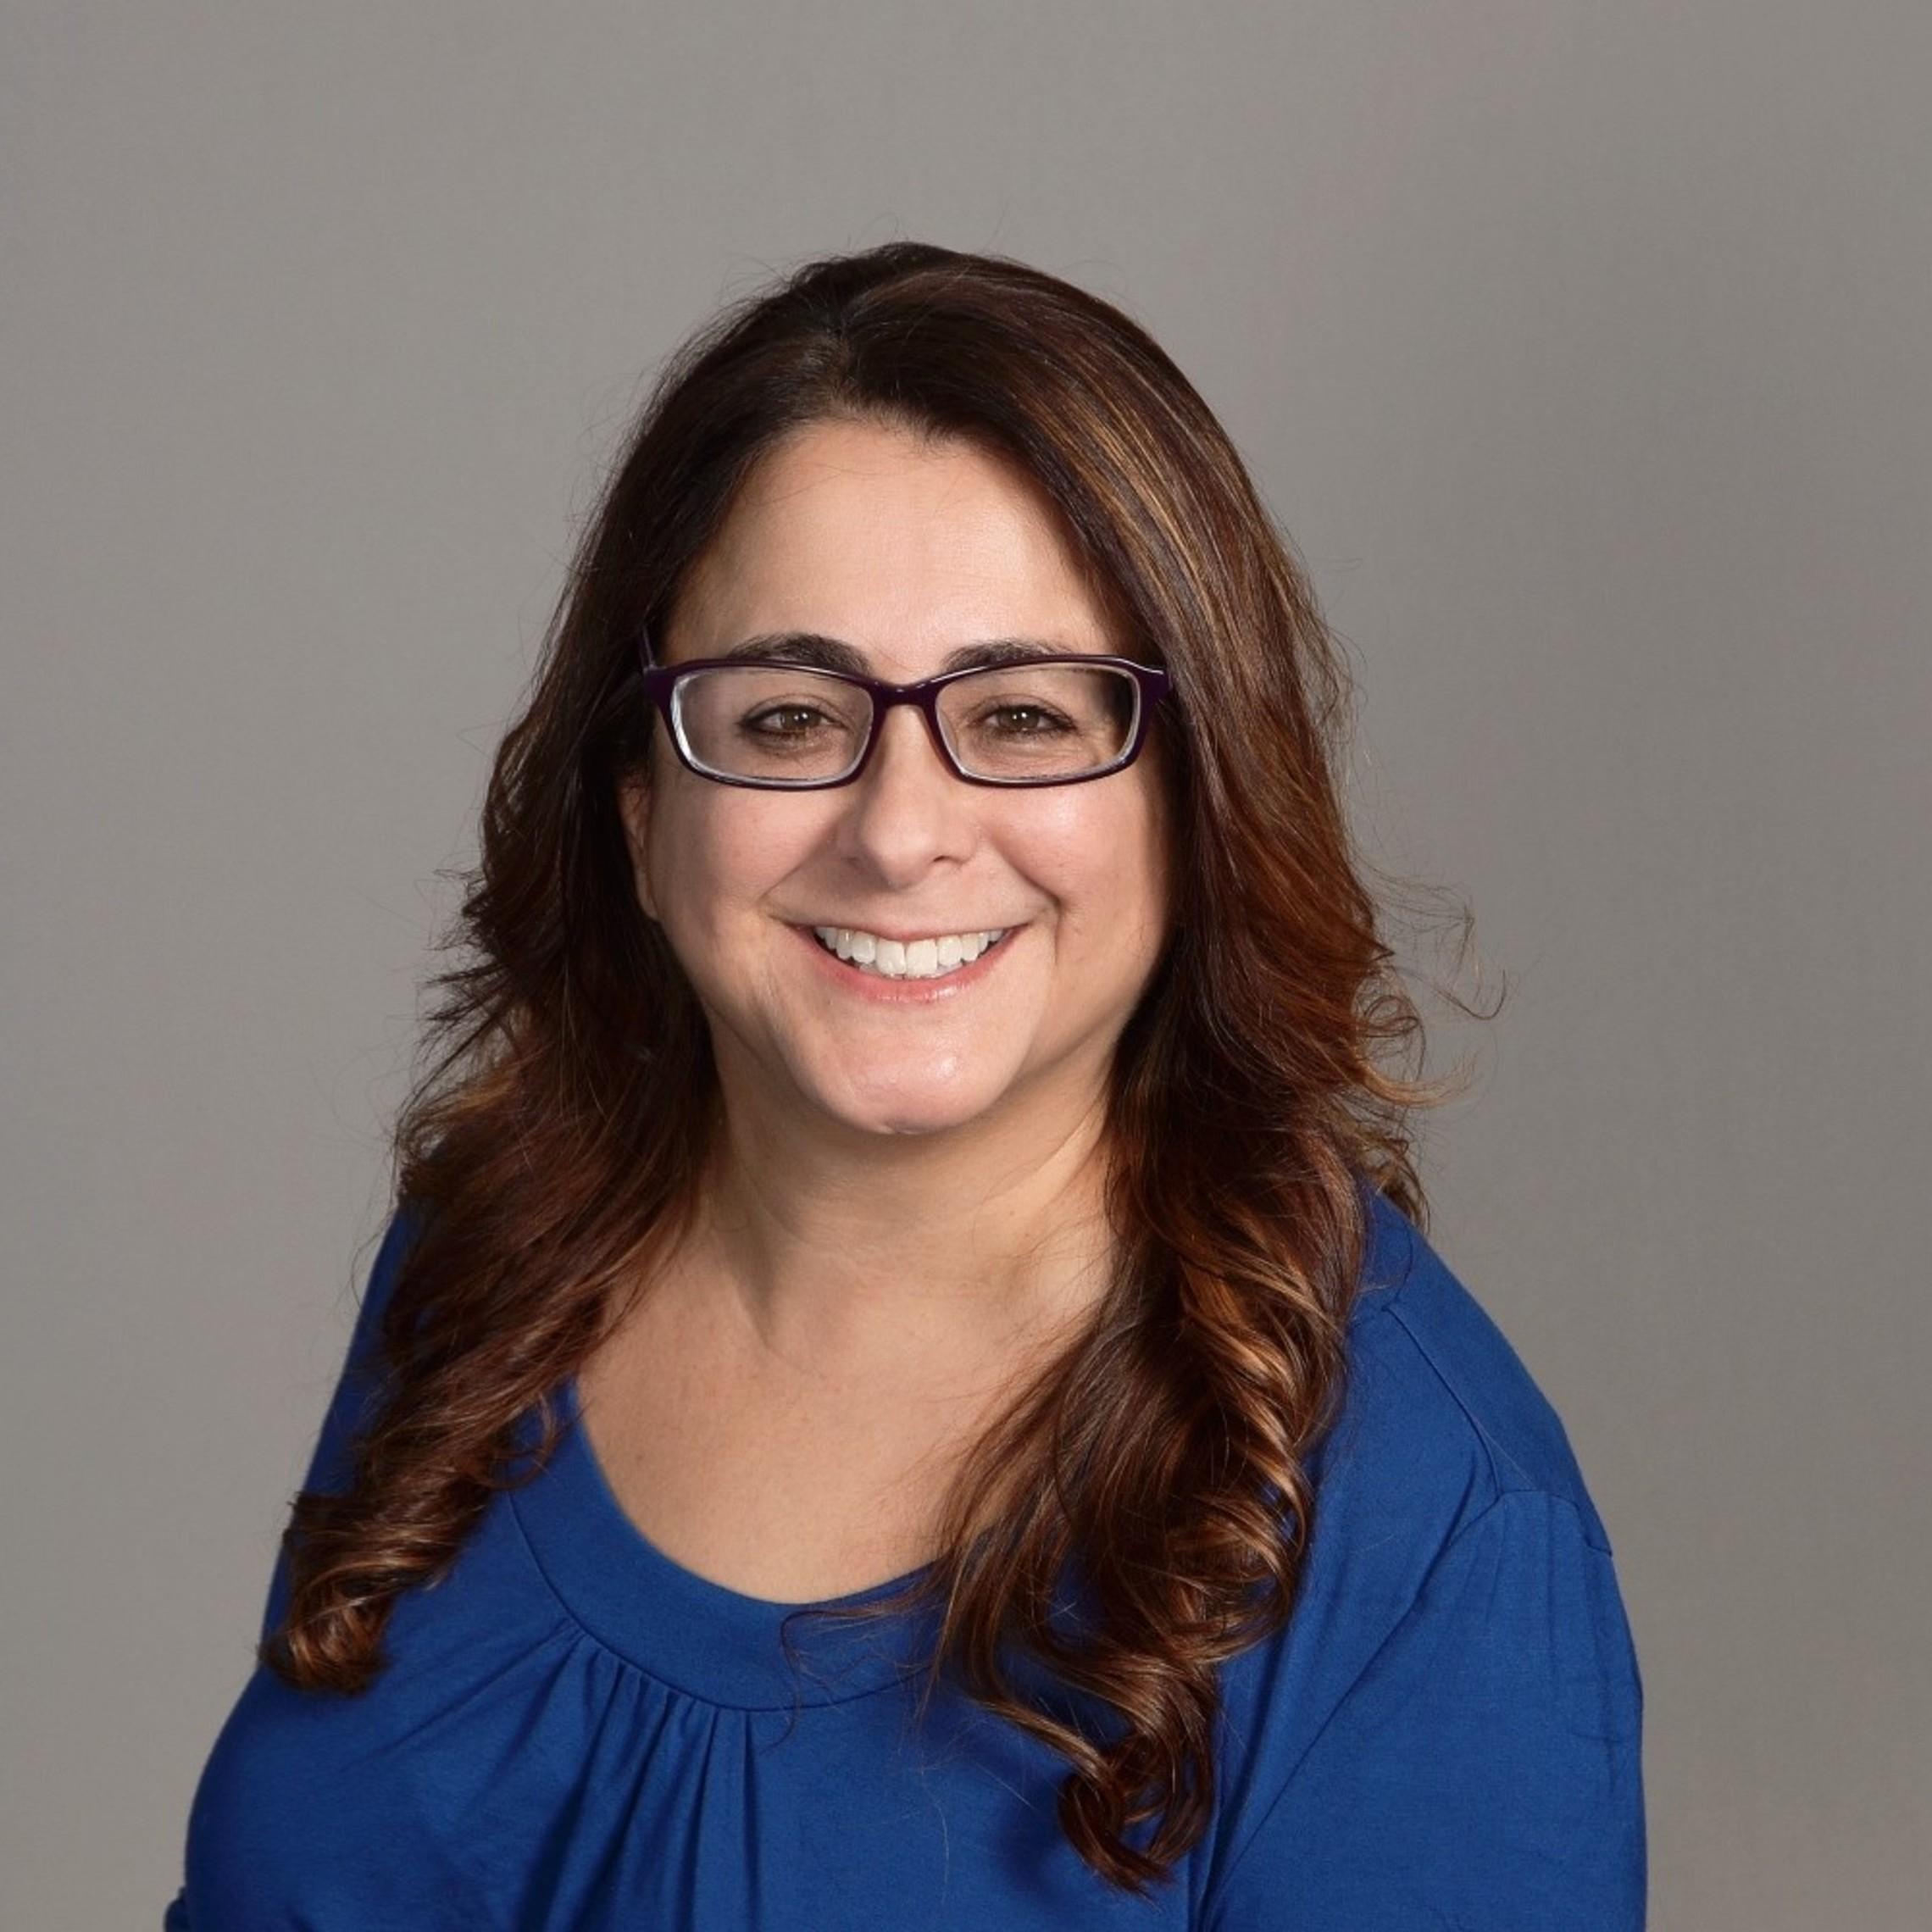 Tina Gregory